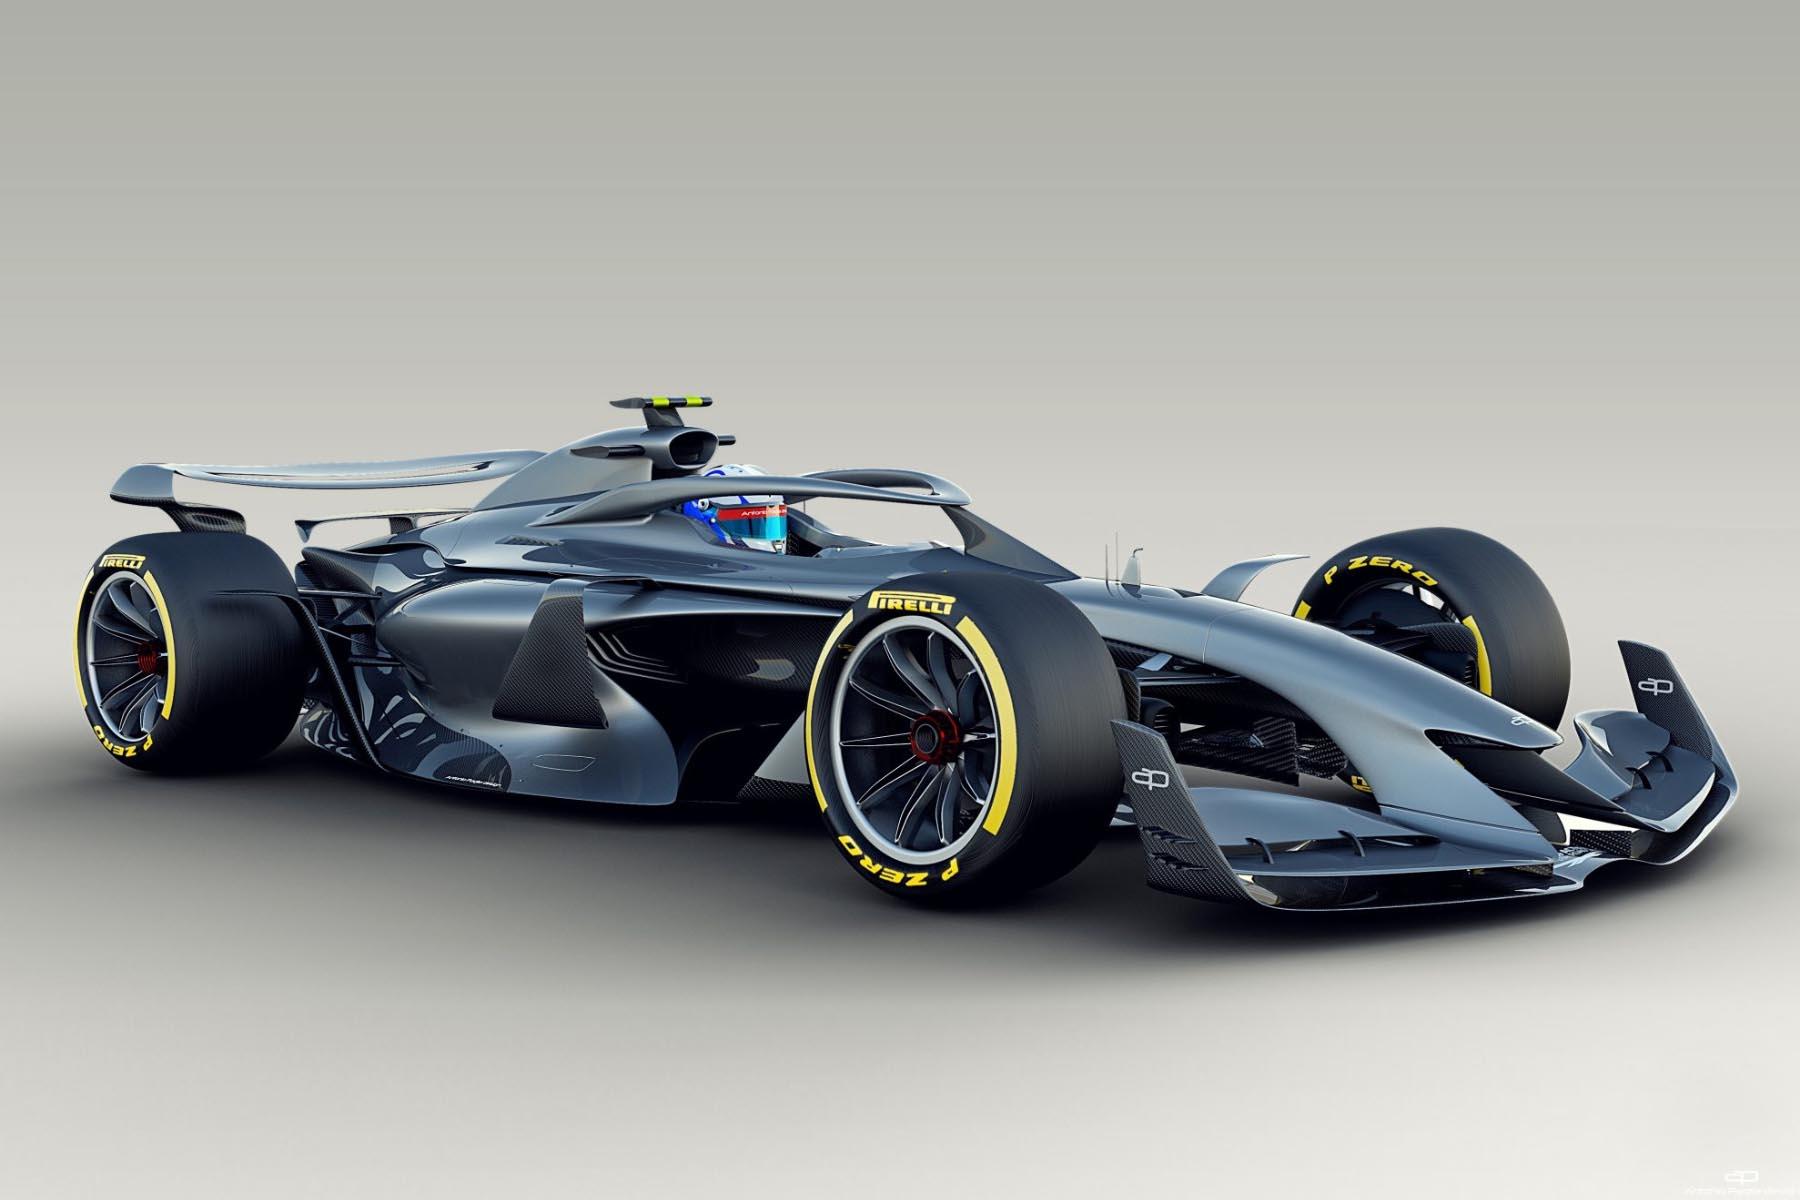 A concept 2021 F1 car.